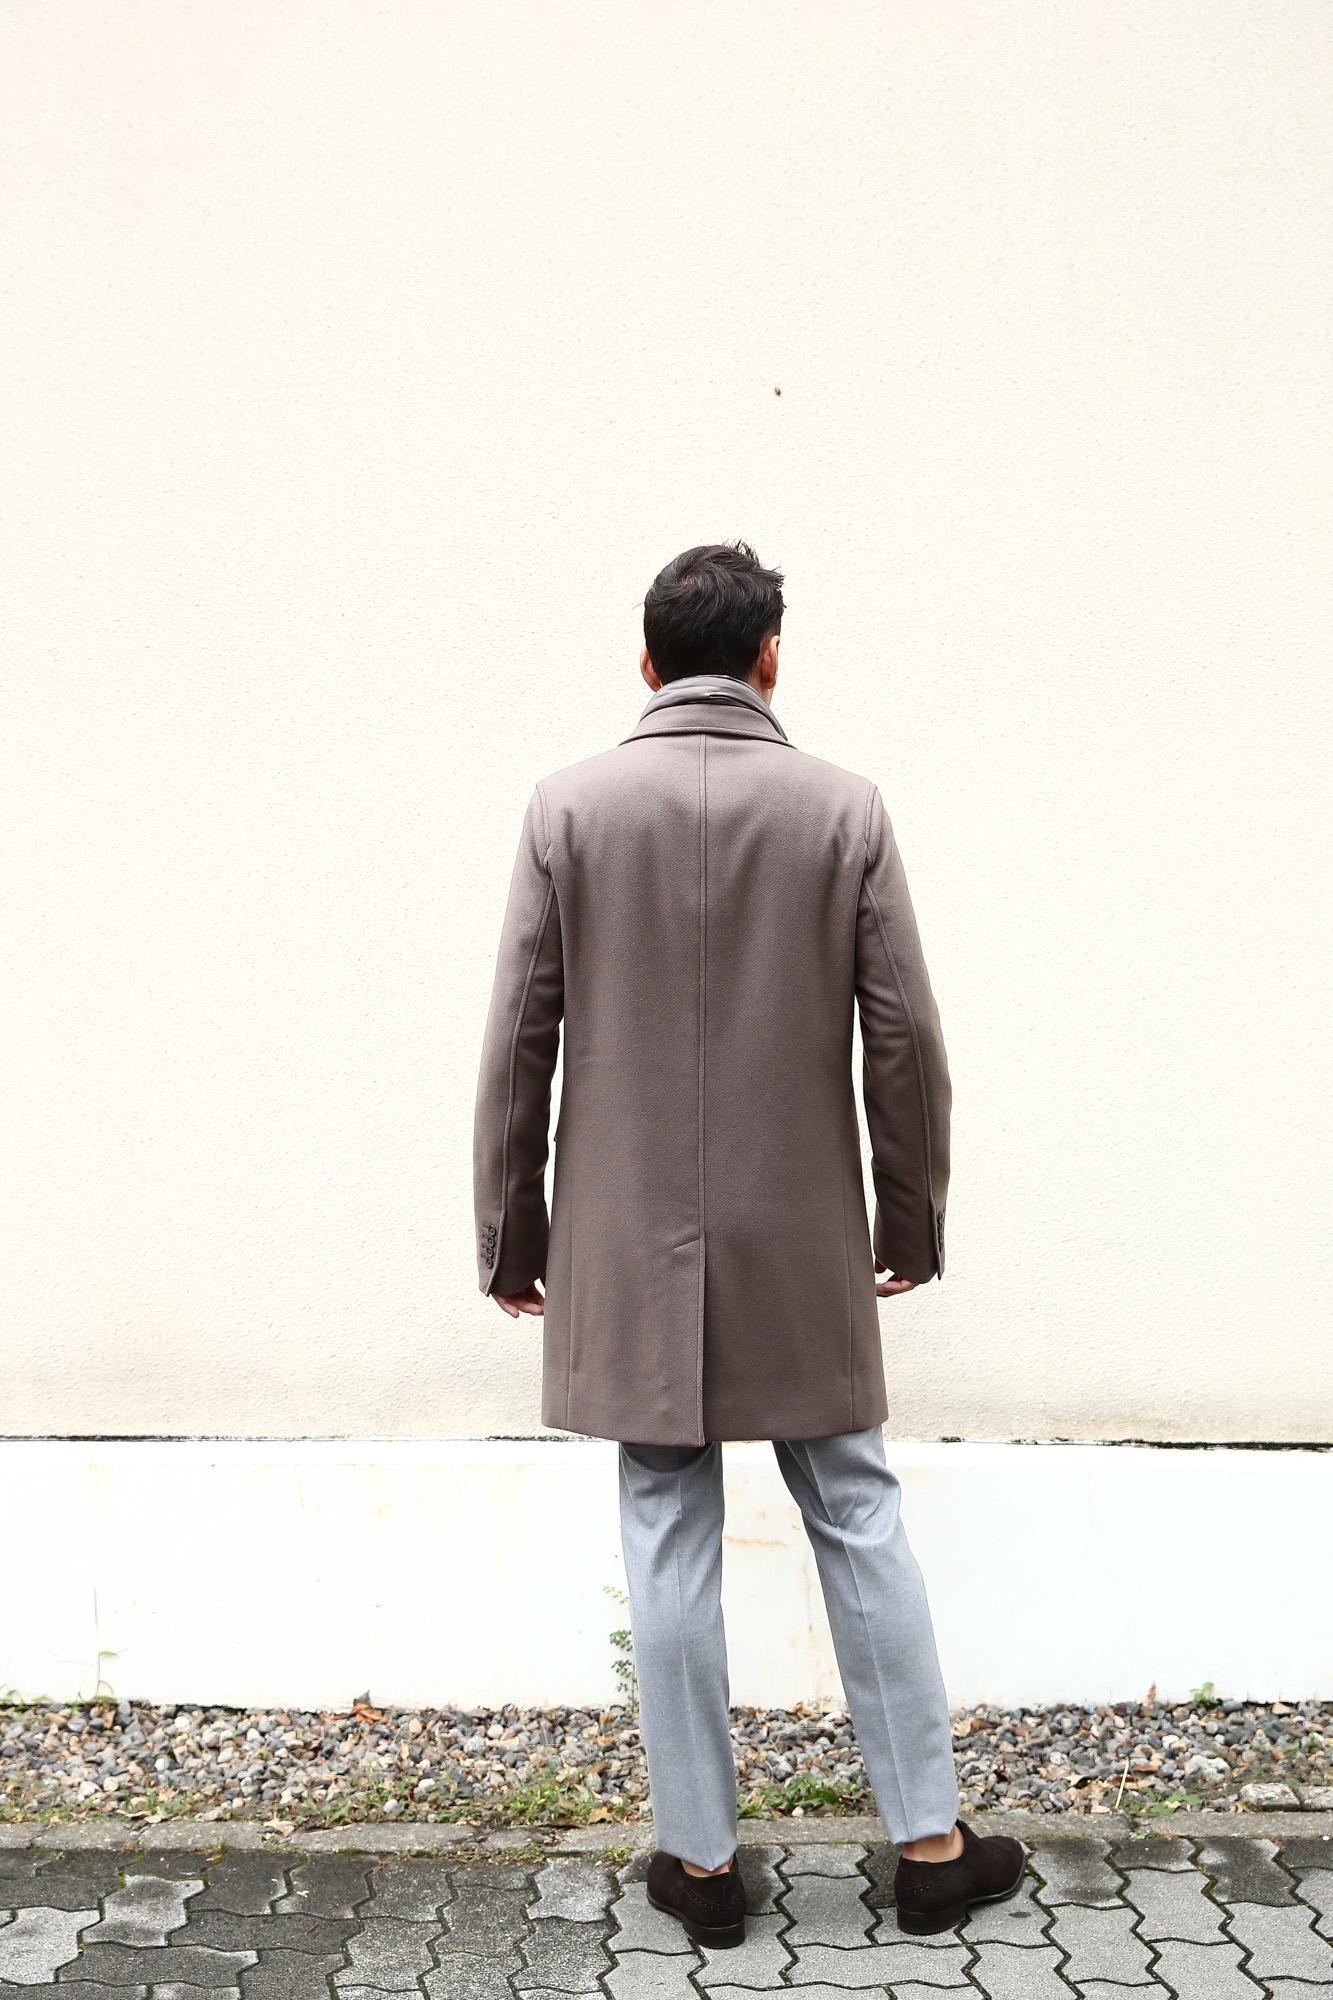 【HERNO / ヘルノ】 CA0045U Chester coat チェスターコート LANA DIAGONALE NYLON ULTRALIGHT 中綿入り ウールチェスターコート LIGHT BROWN (ライトブラウン・2700) Made in italy (イタリア製) 2017 秋冬新作 愛知 名古屋 ZODIAC ゾディアック herno ヘルノ ダウンコート ビジネススタイル